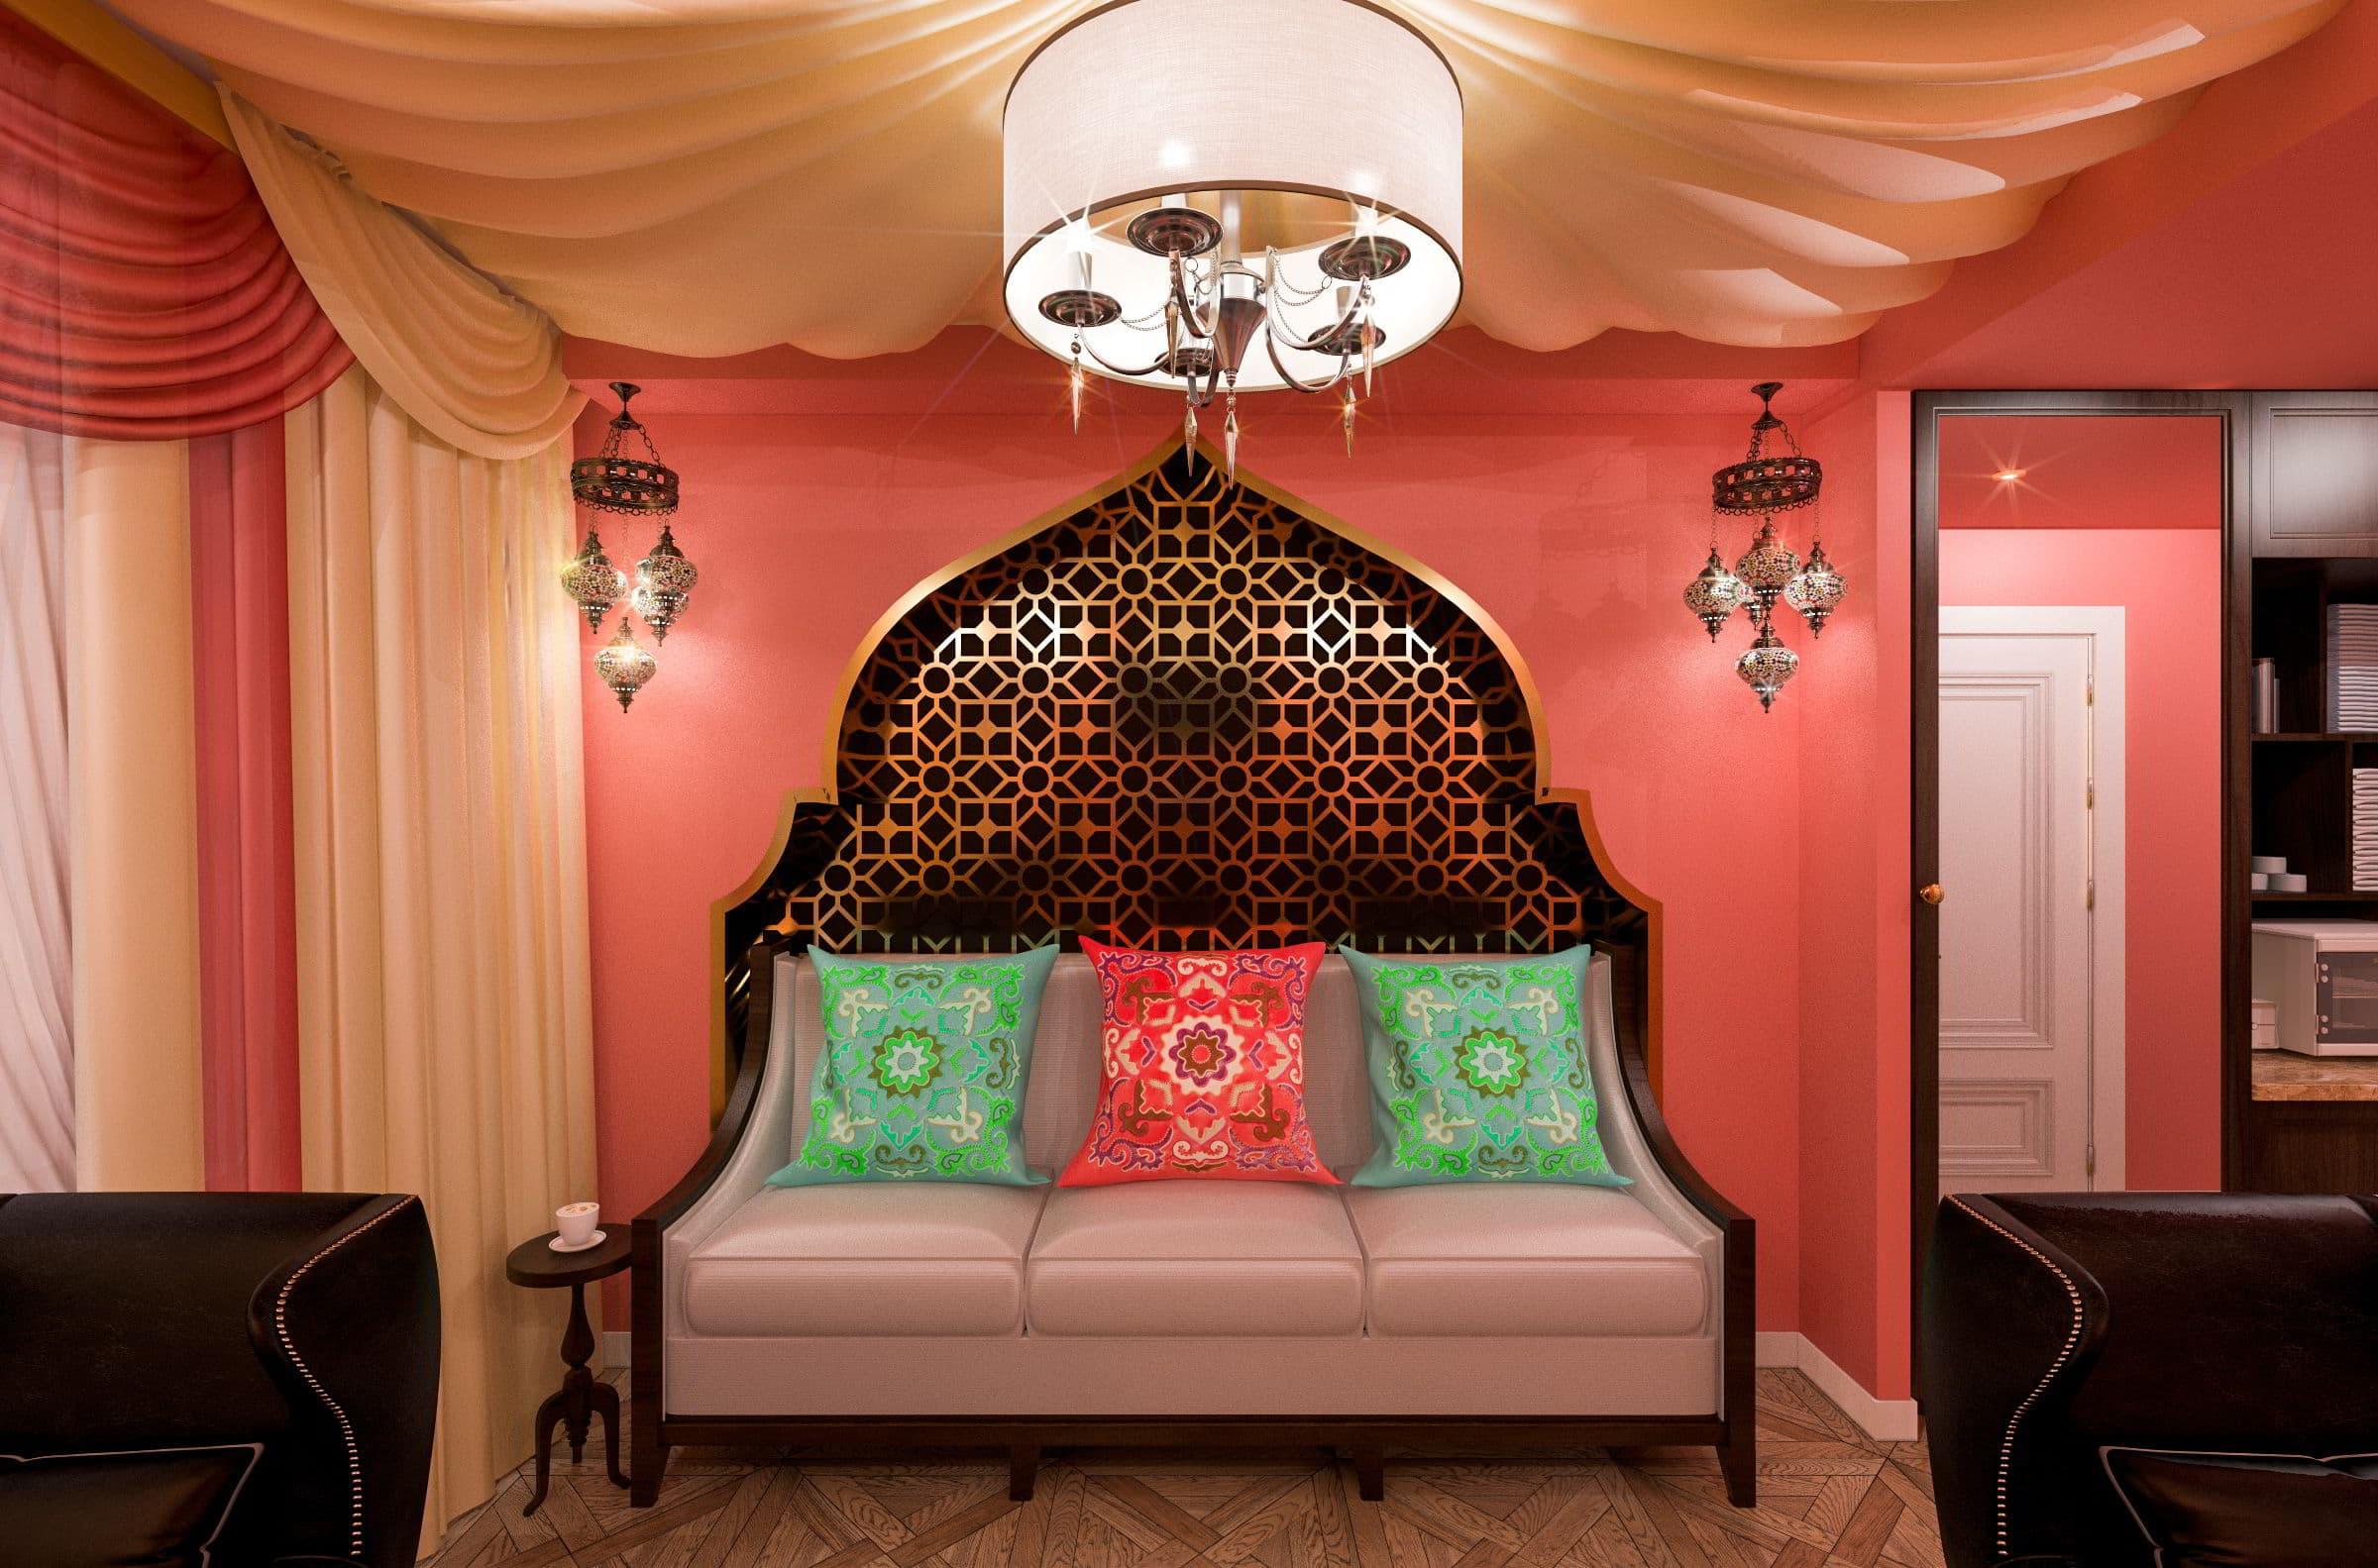 дизайн интерьера парикмахерской в турецком стиле фото, зеркала, мойка, кресла, паркет, потолок из ткани 4